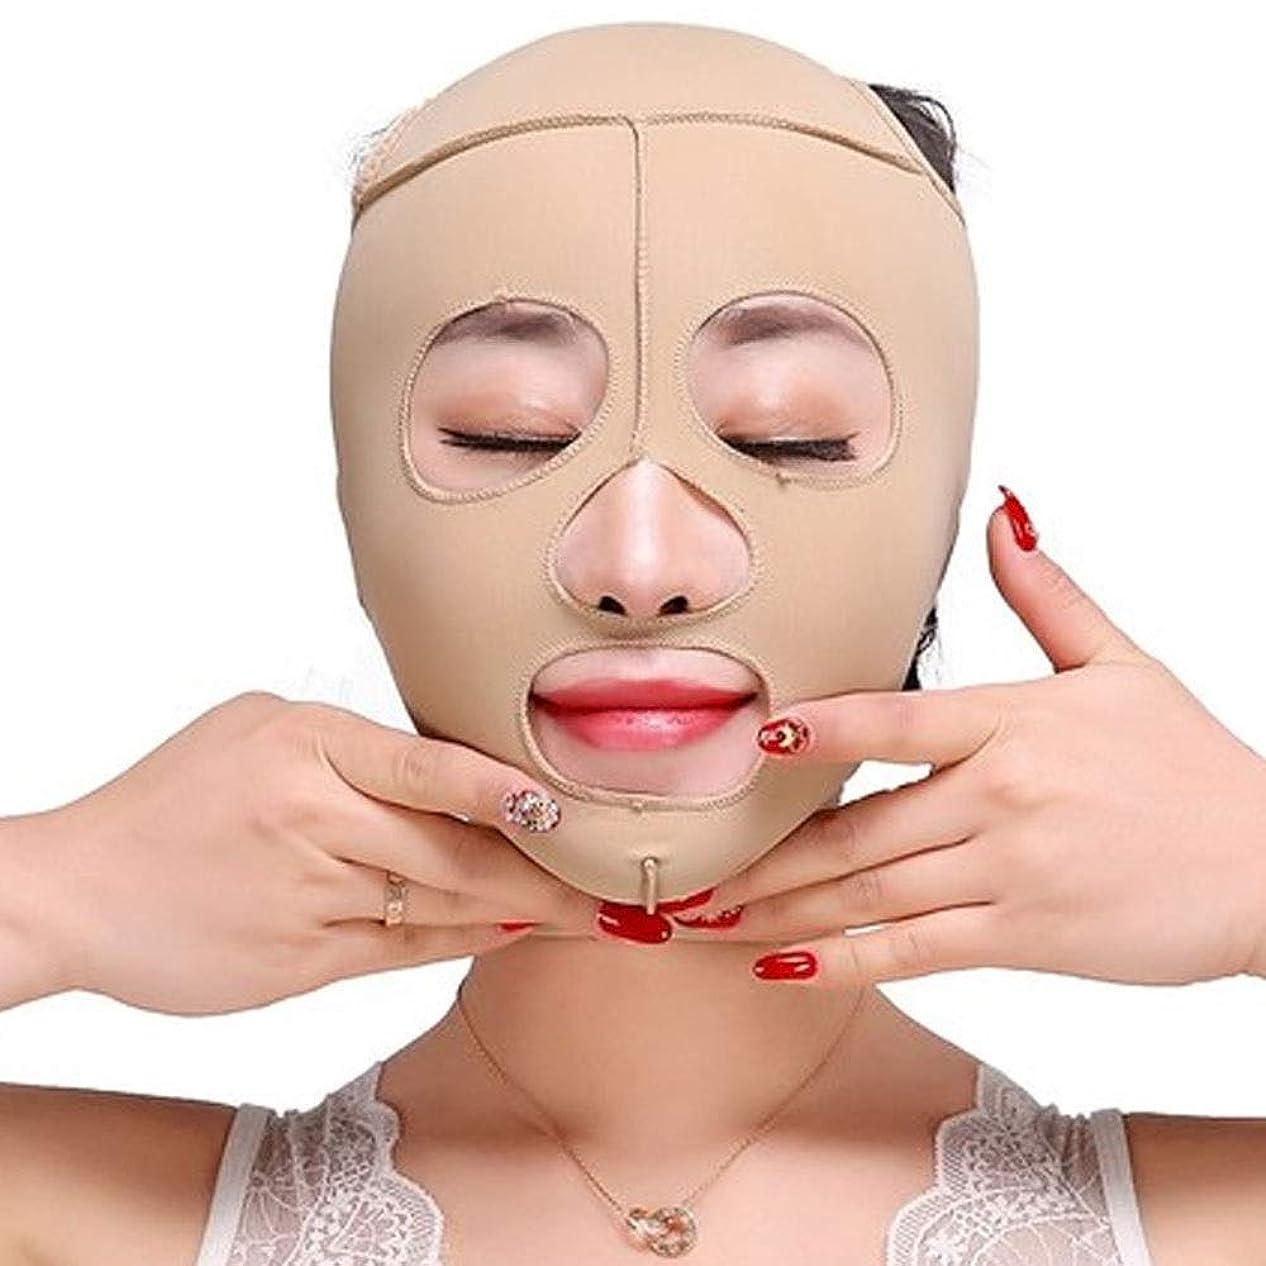 マラドロイト精神付添人Minmin フェイスリフティングアーティファクト睡眠薄い顔顔の顔薄い顔V顔マスク二重あご薄い顔包帯肌色 みんみんVラインフェイスマスク (Size : S)